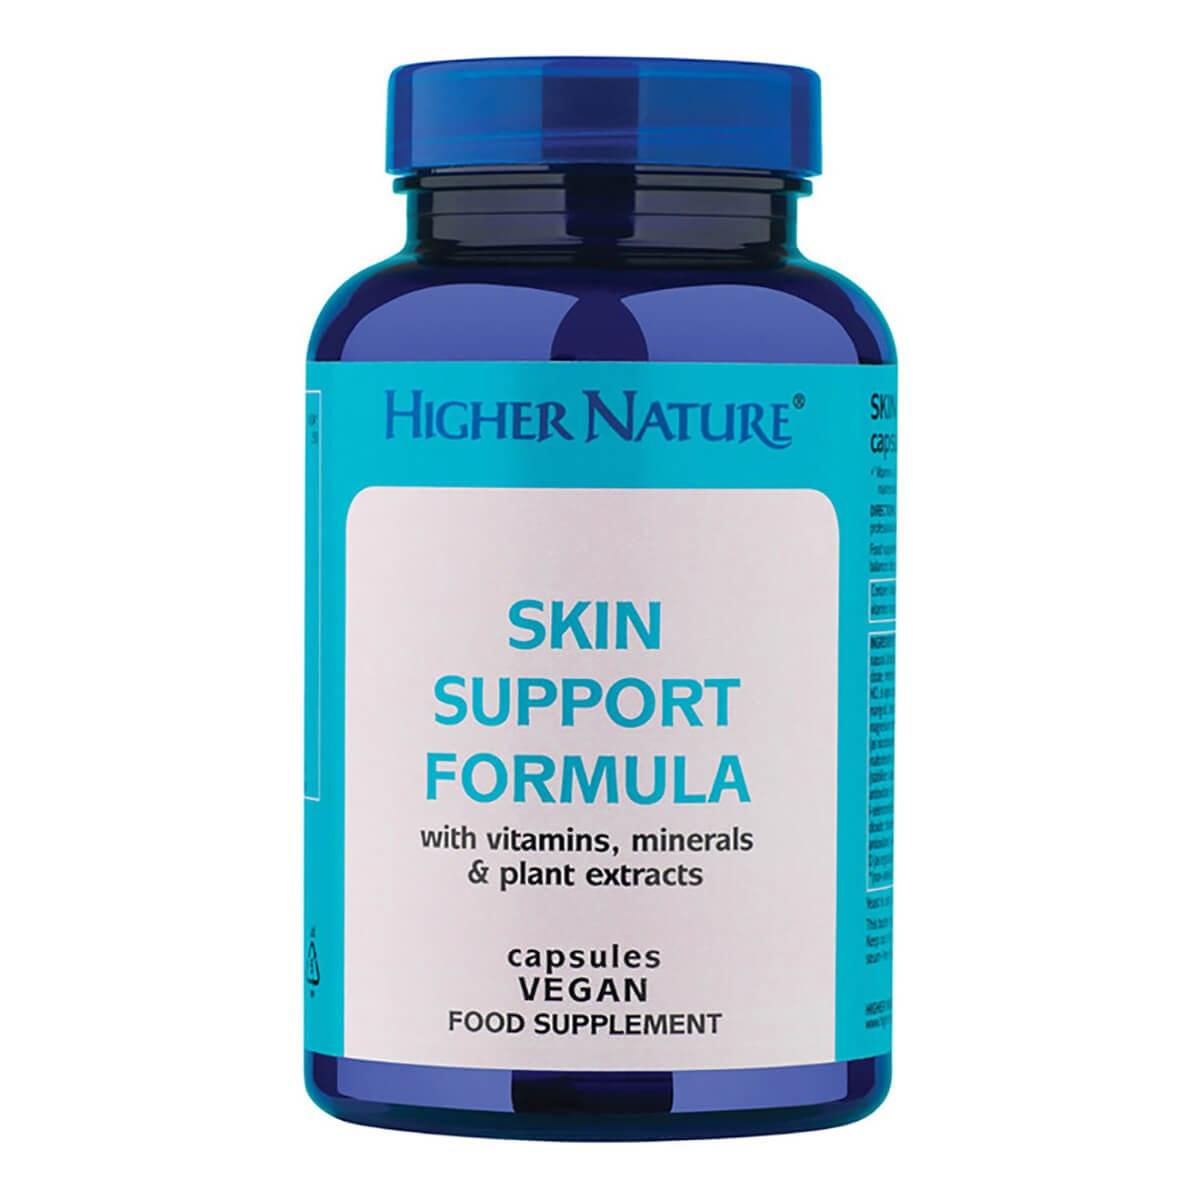 Higher Nature Skin Support Formula